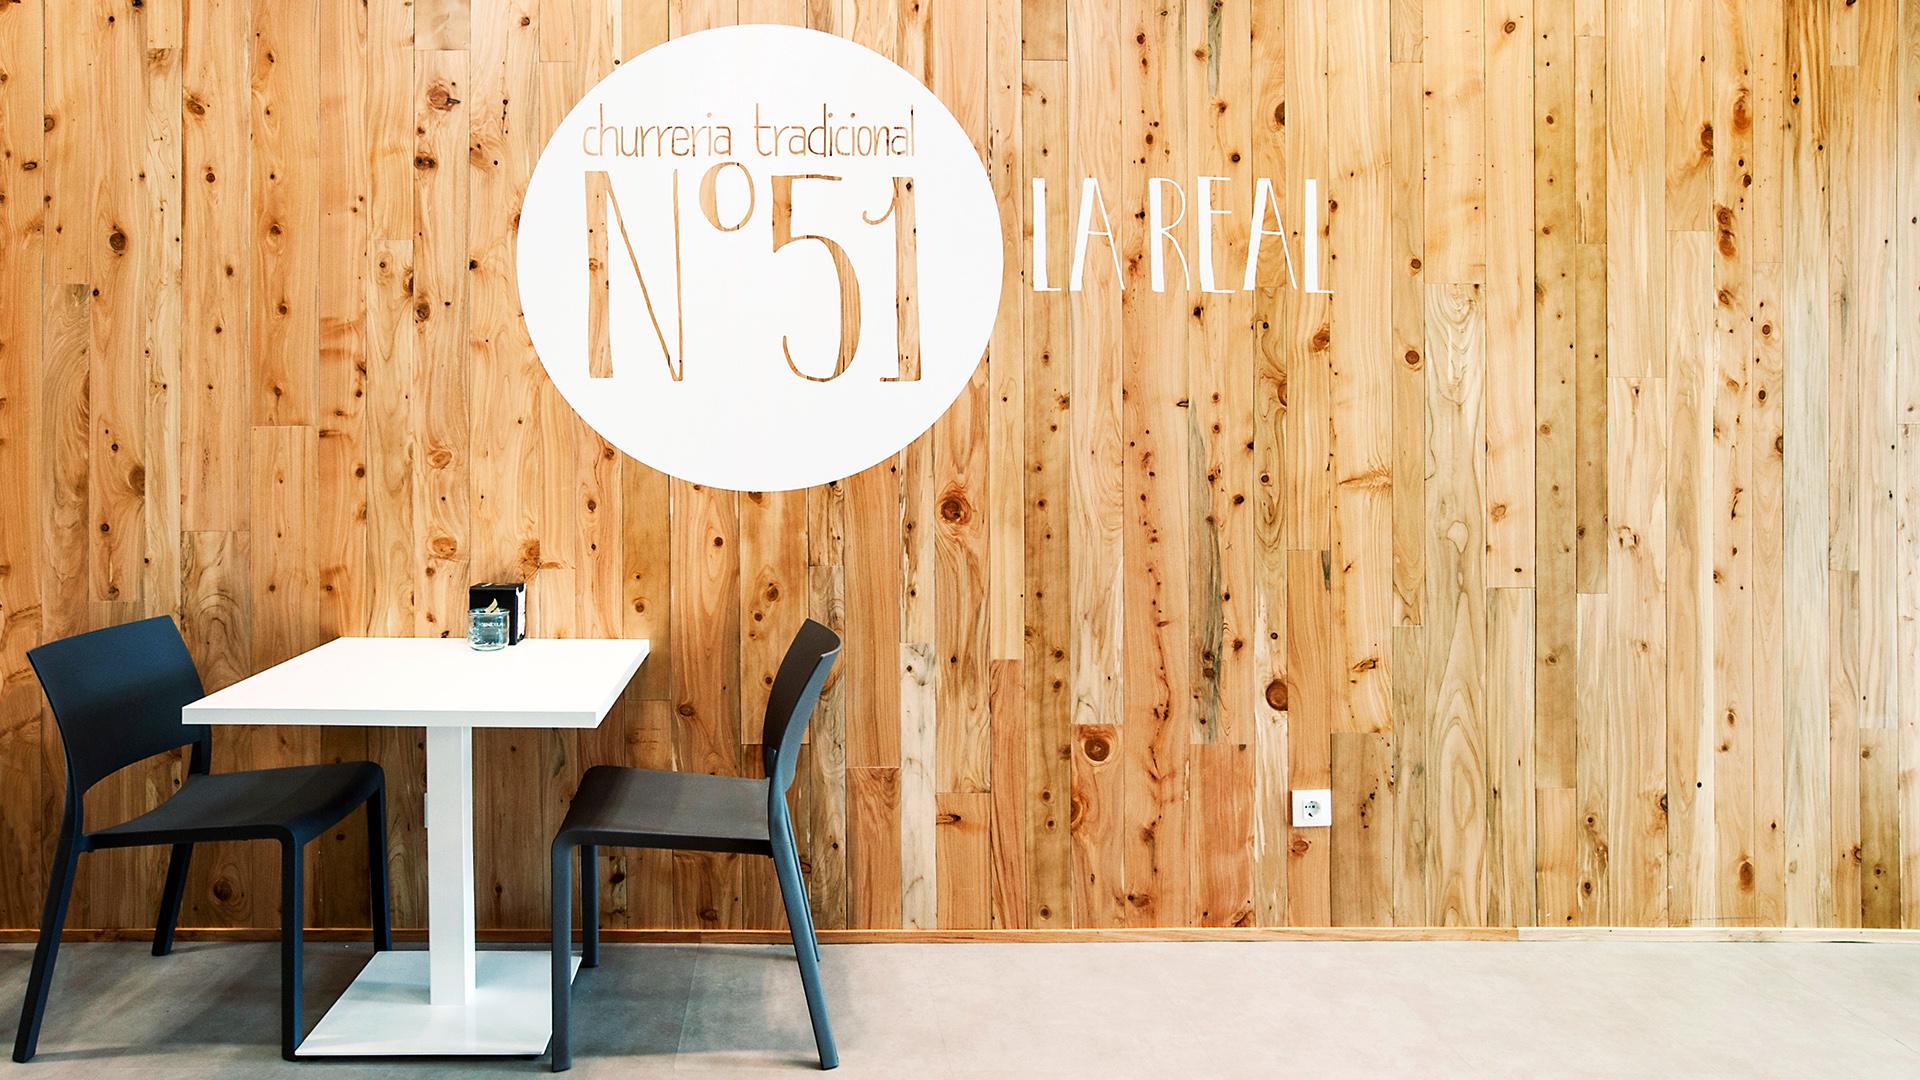 02 real 51 churreria diseño interiorismo hosteleria galicia a coruña zaton diseñadores